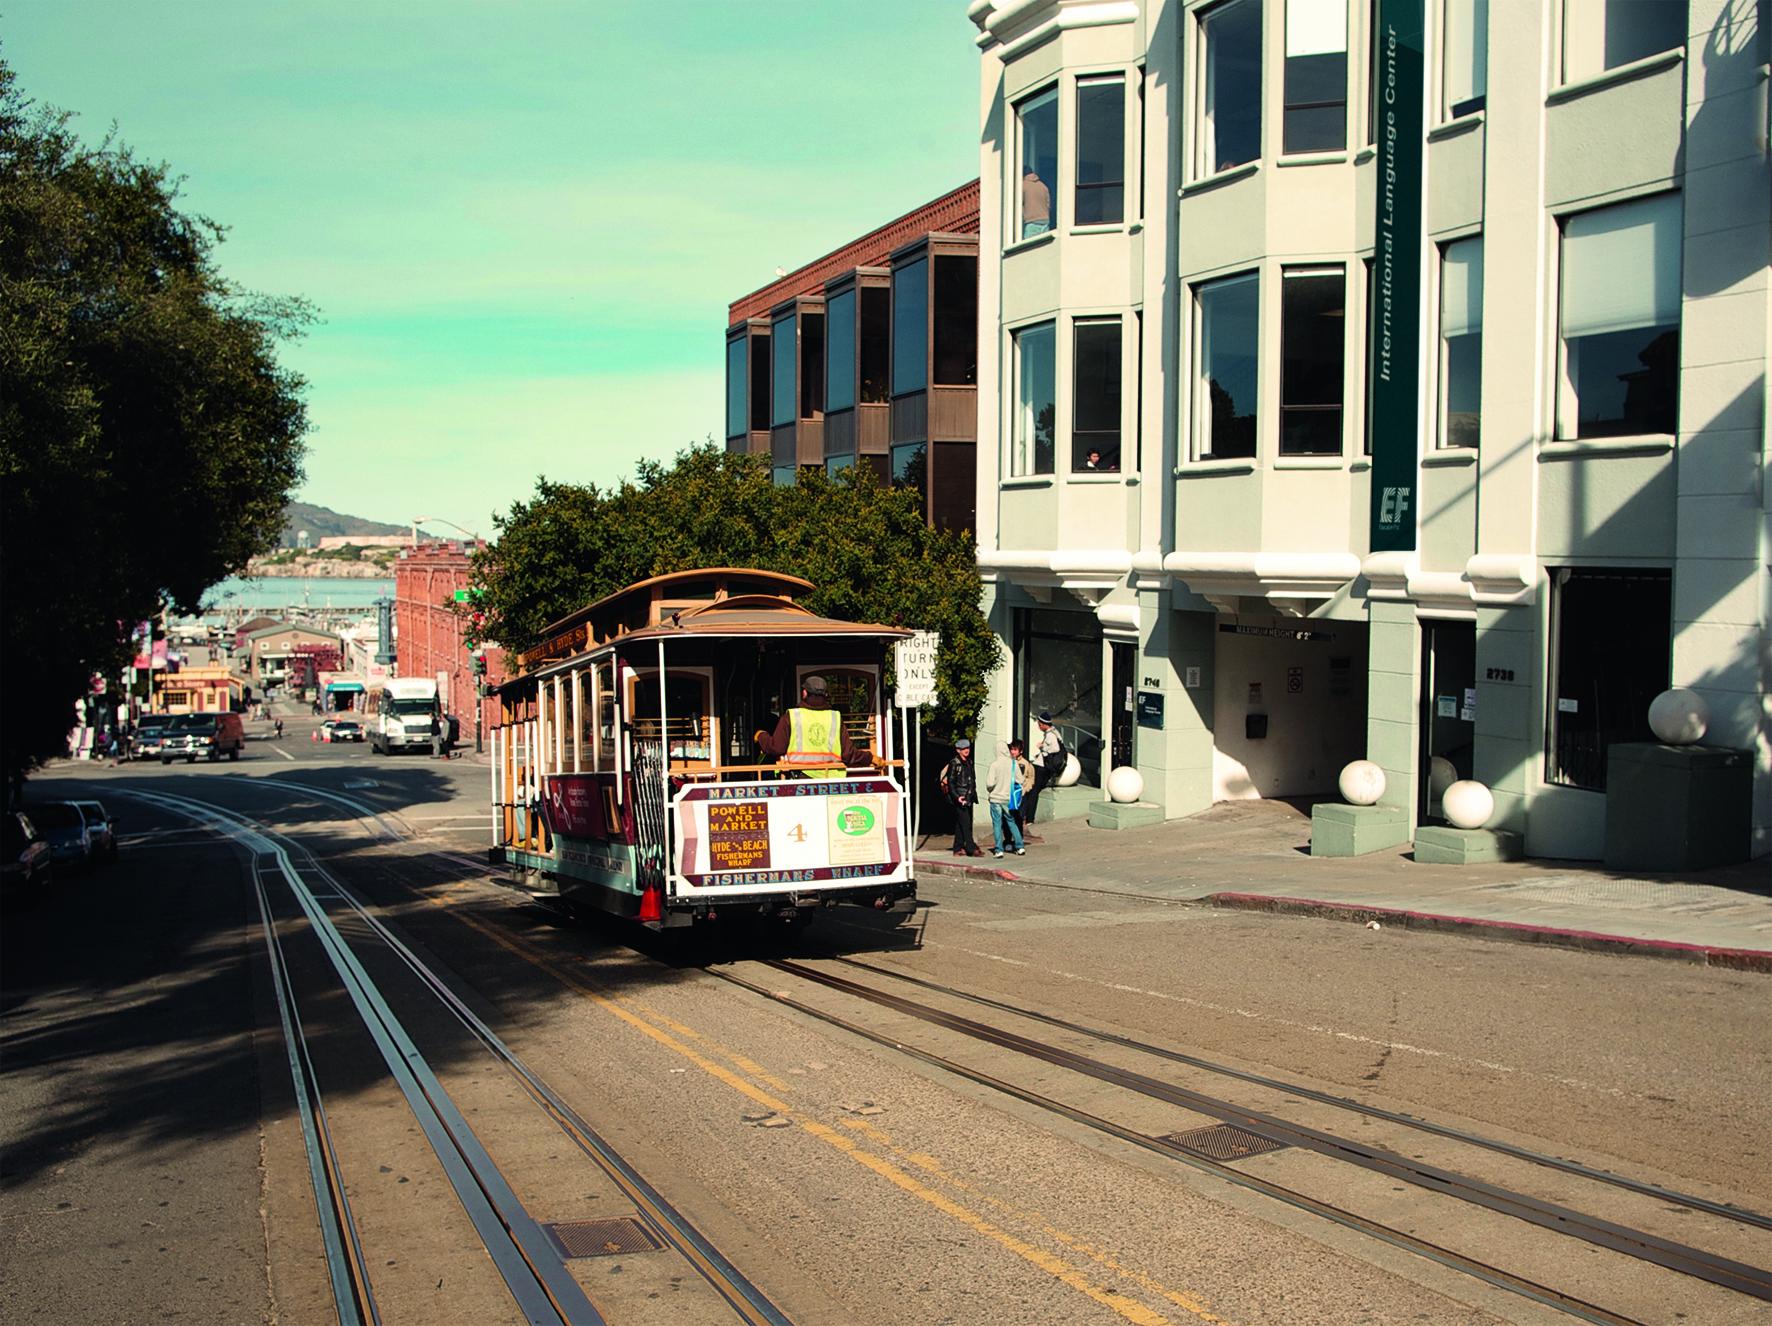 自然と都会が融合した街、サンフランシスコの街並み